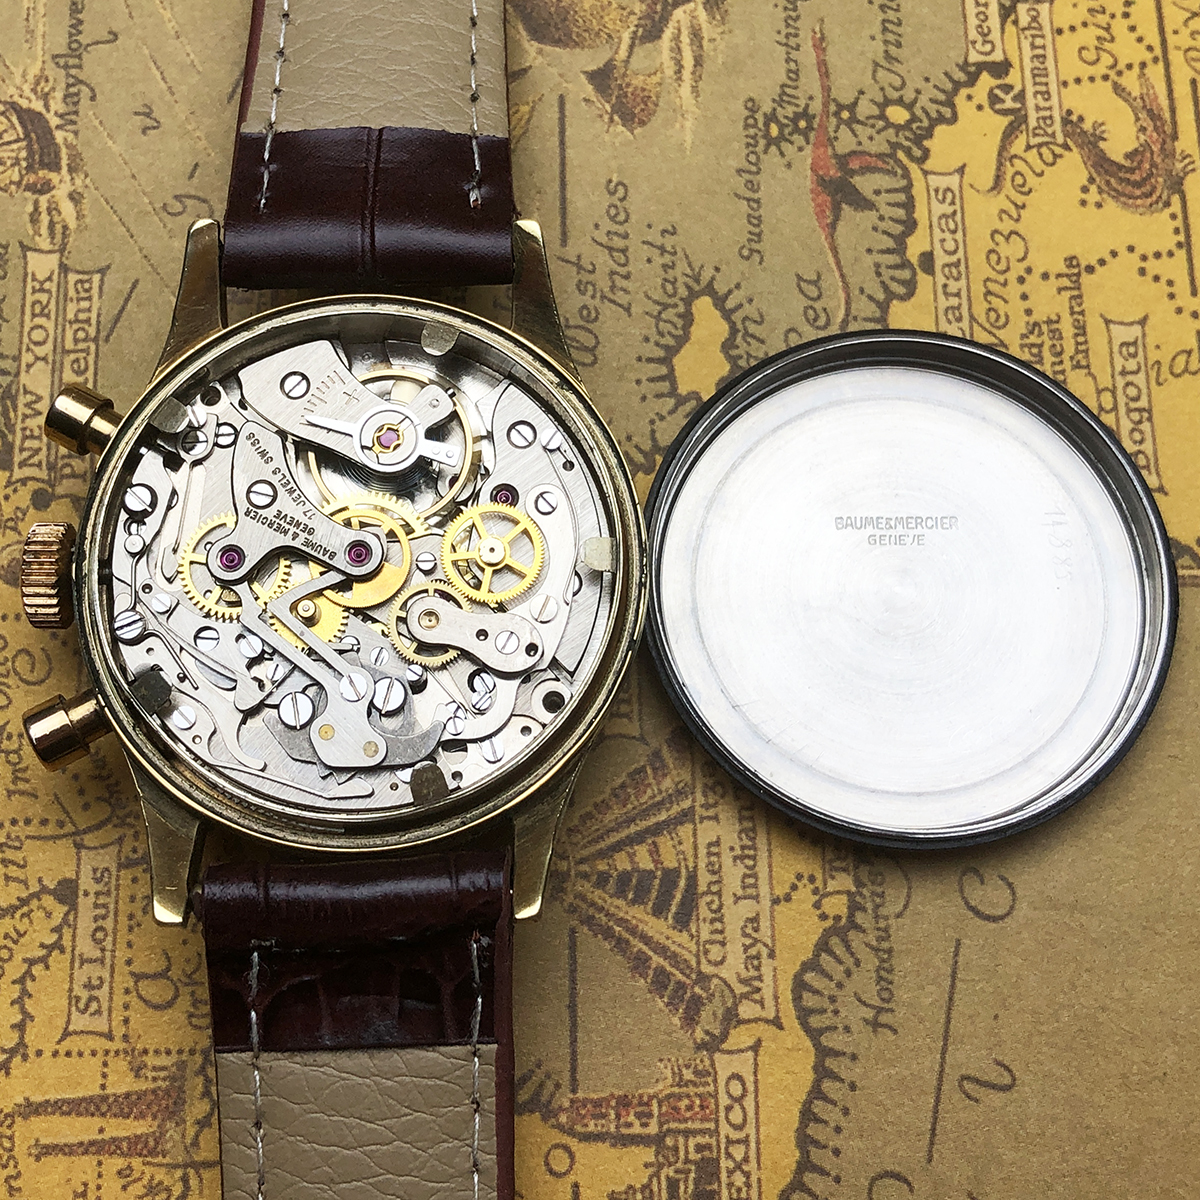 ★希少!! ボーム&メルシエ BAUME&MERCIER 1960s アンティーク Landeron149 メンズ 腕時計 クロノグラフ 手巻 白文字盤 ビンテージ 高級_画像10